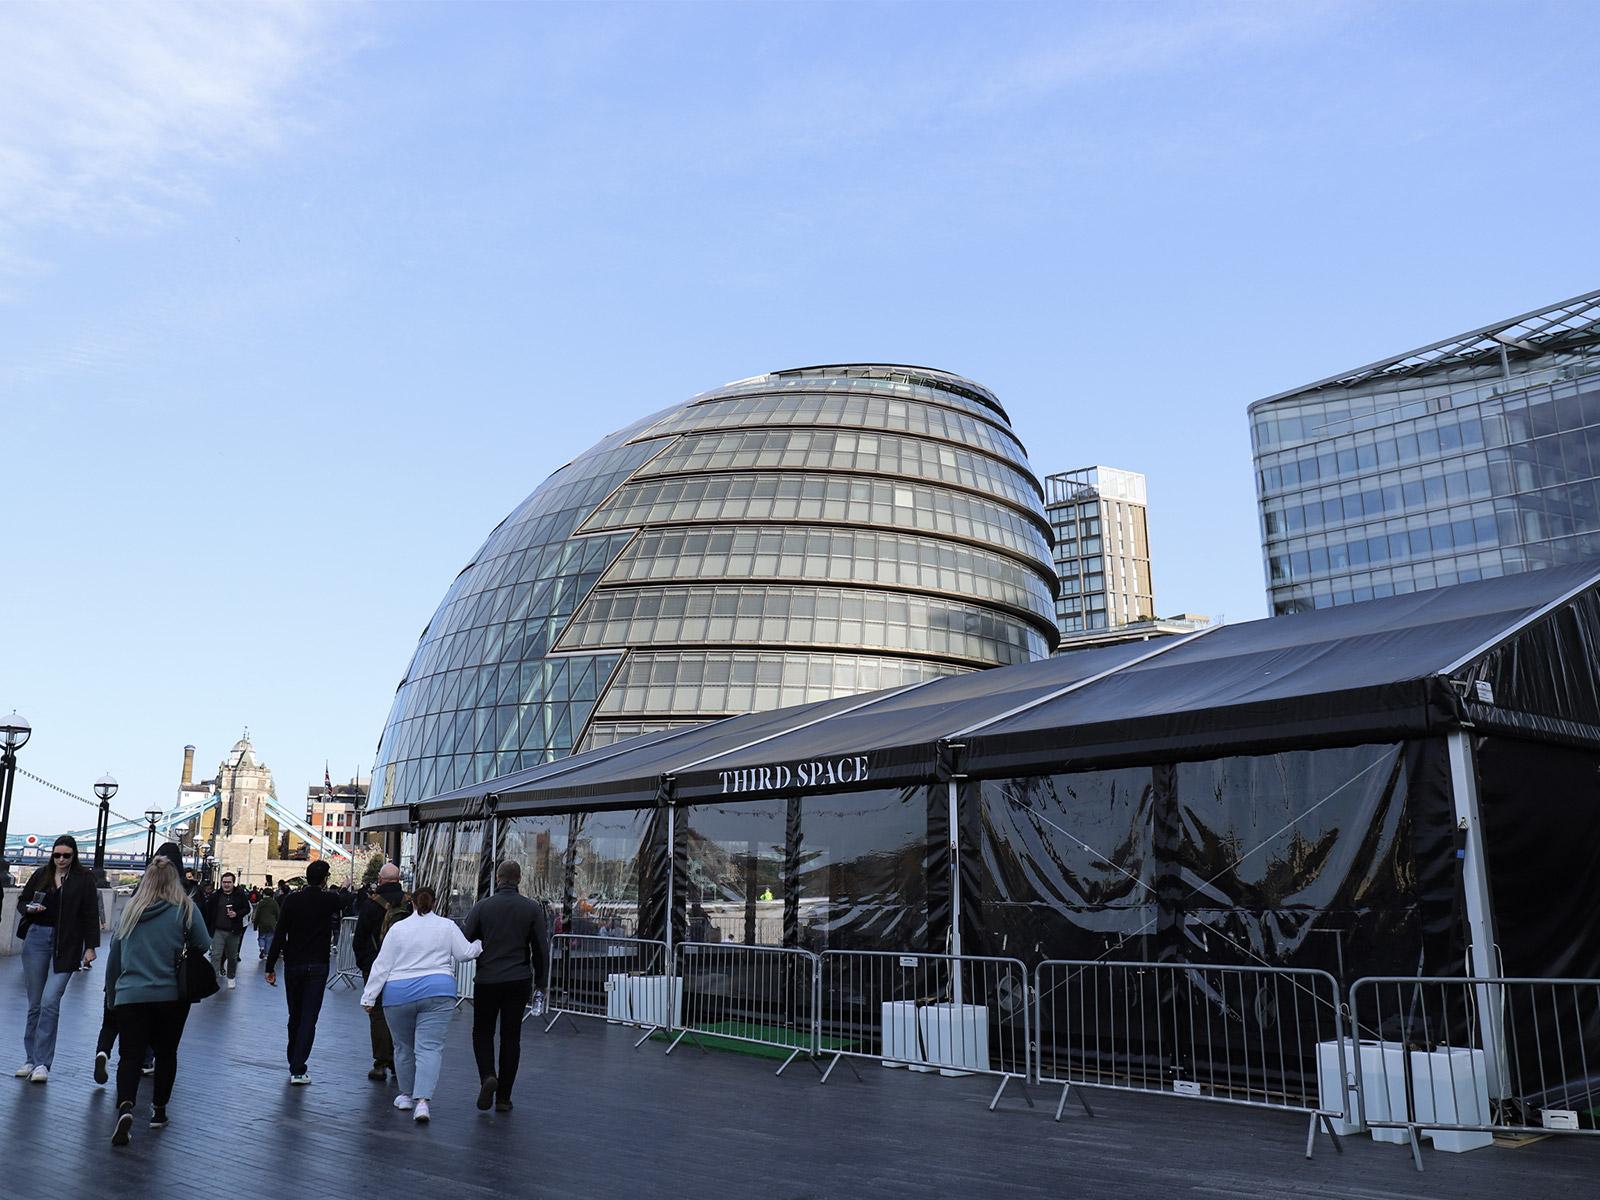 倫敦泰晤士河南岸-倫敦市政廳